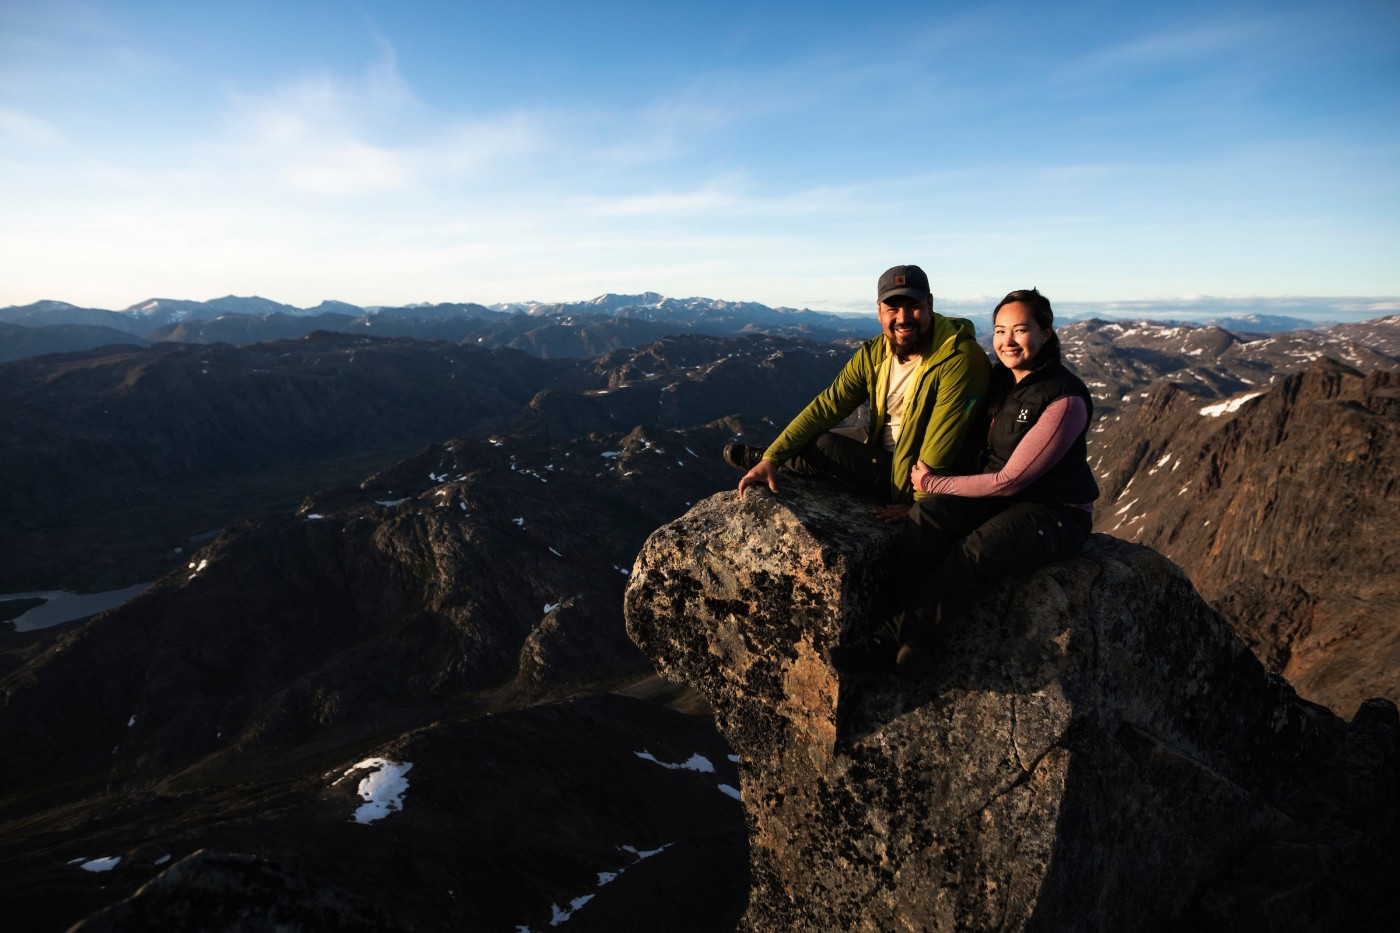 Couple at mountain topcouple on mountain in Sisimiut. Photo-Aningaaq Rosing Carlsen - Visit Greenland